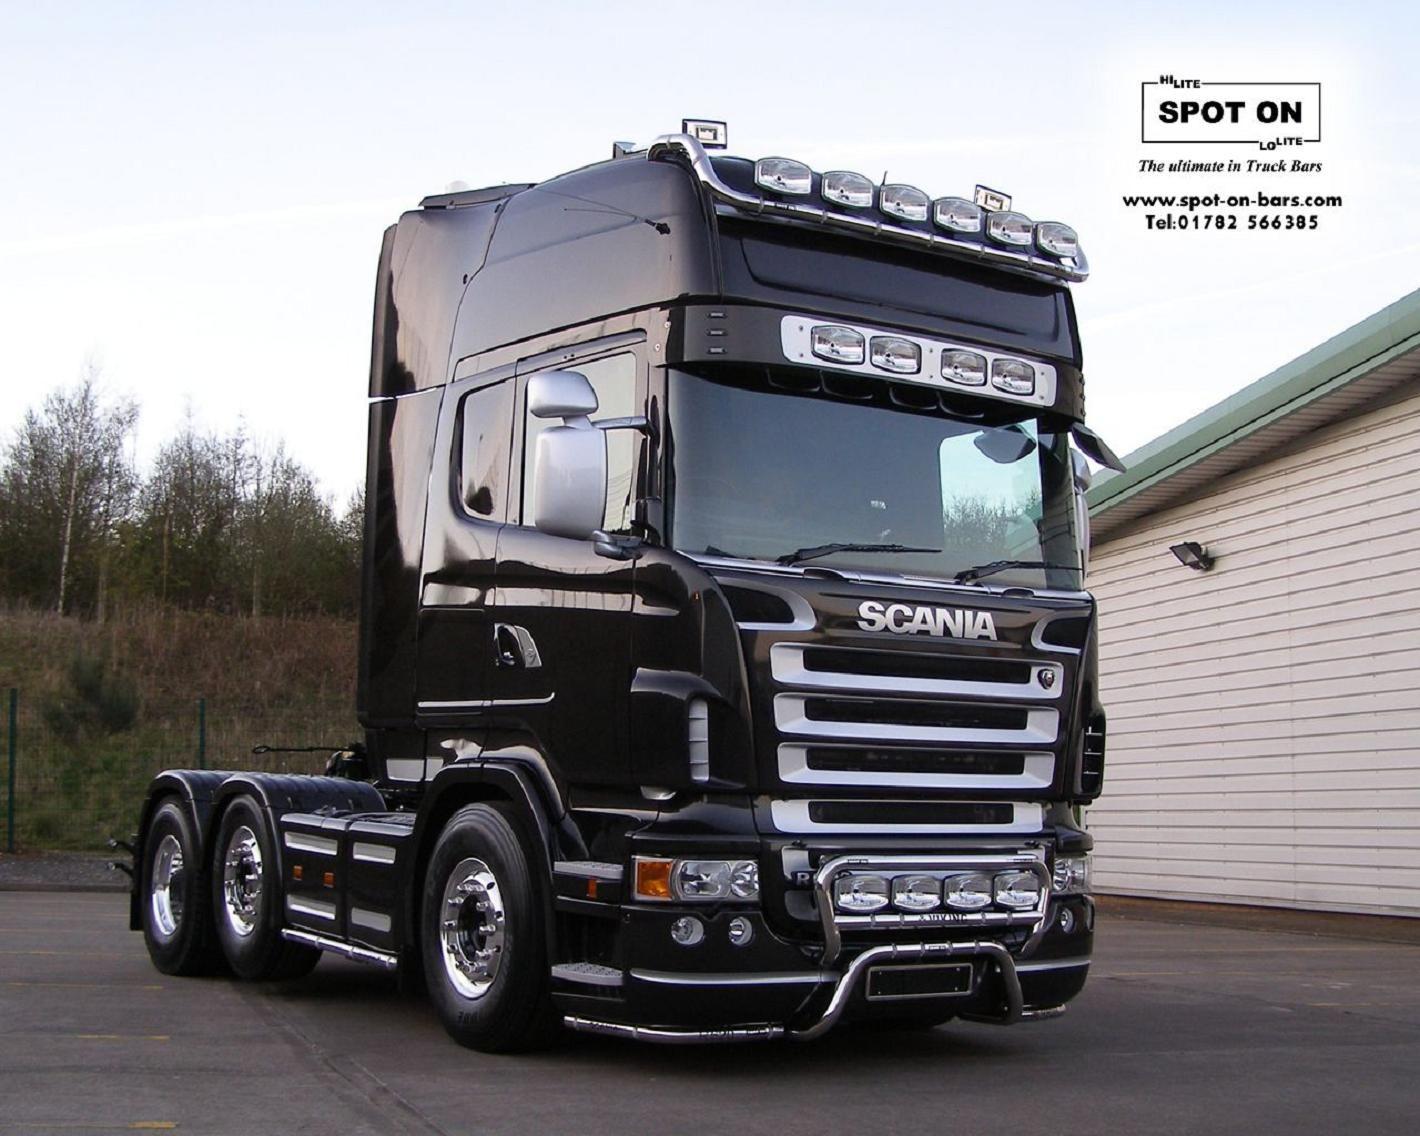 Scania truck   Trucks   Trucks, Big rig trucks, Diesel trucks